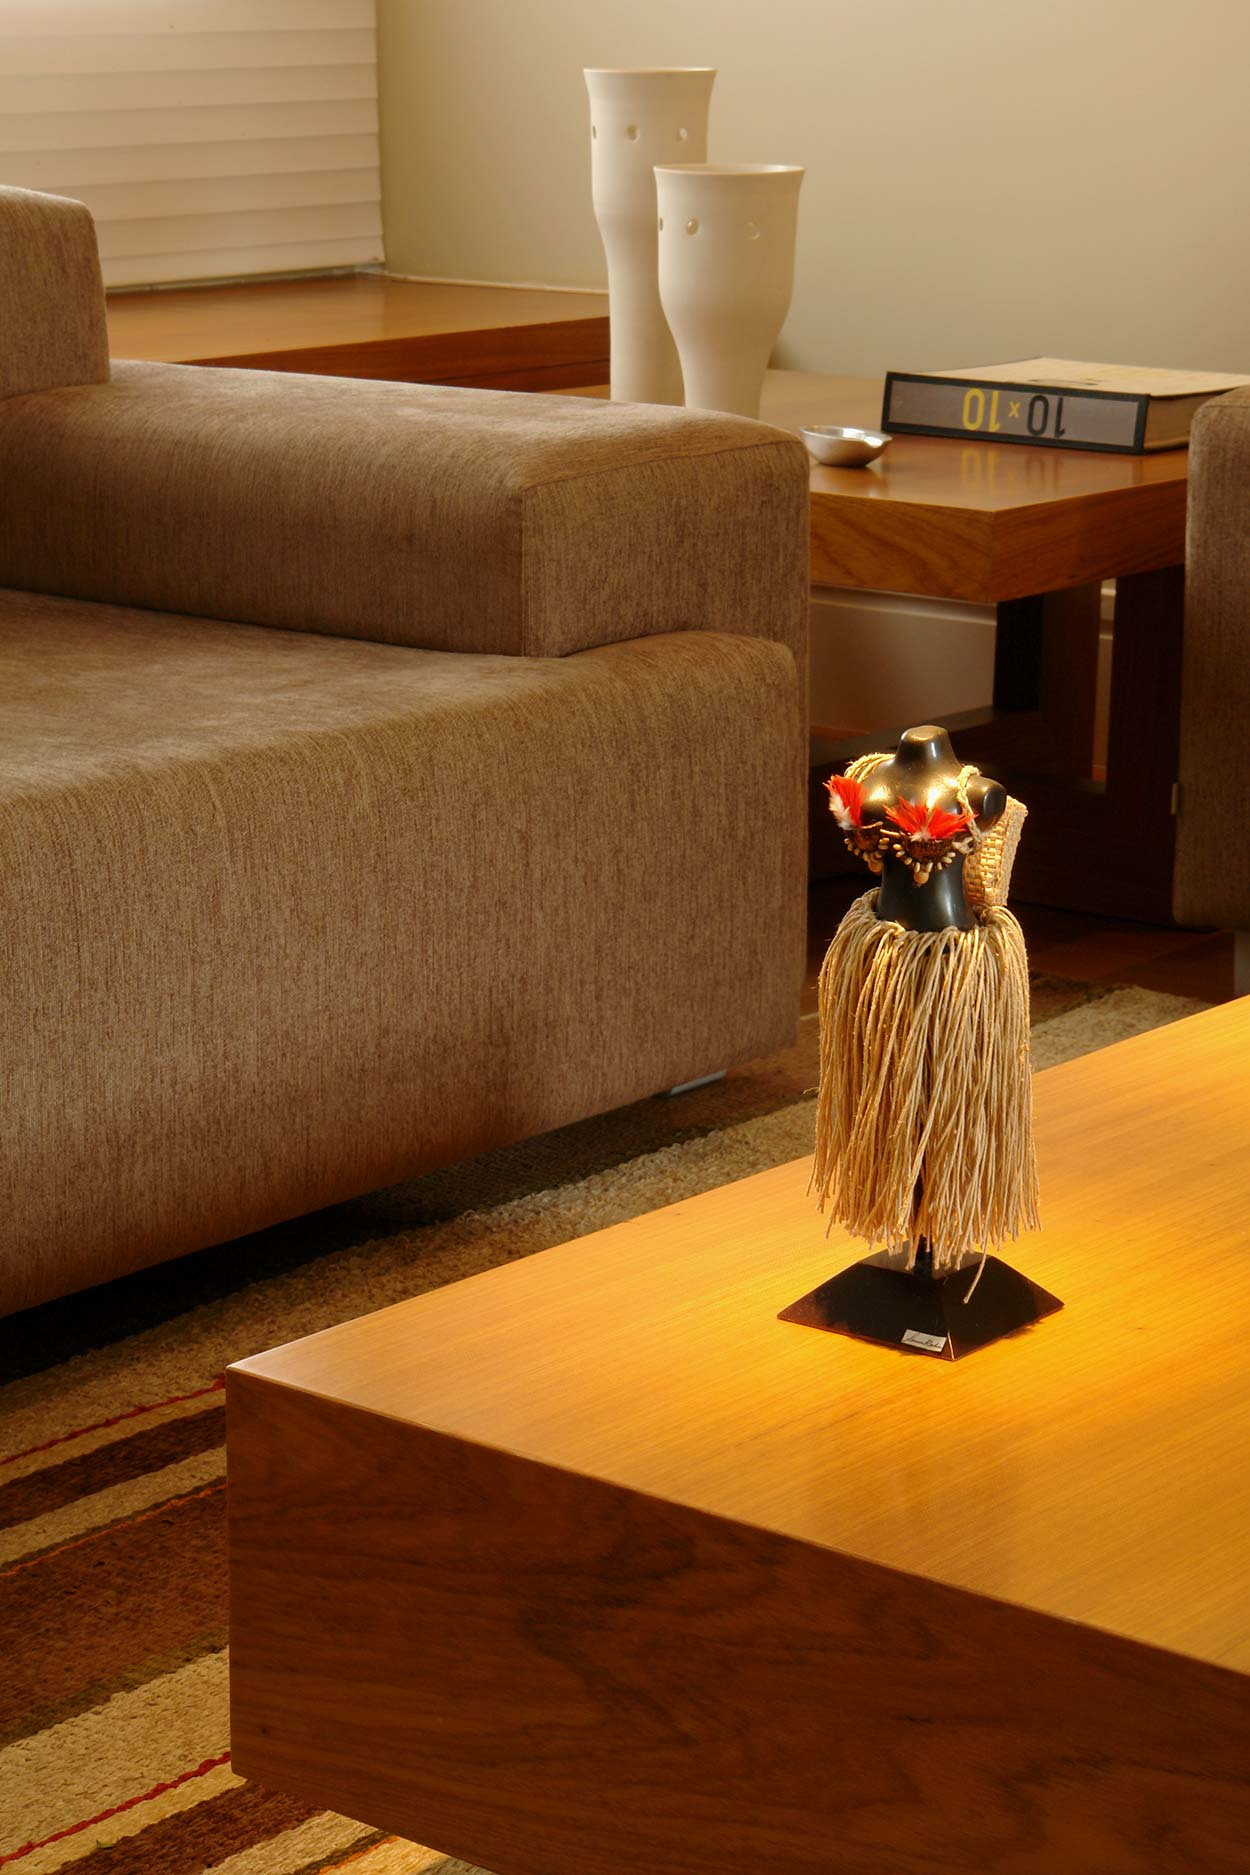 veridianaperes-interiores-residenciapp2